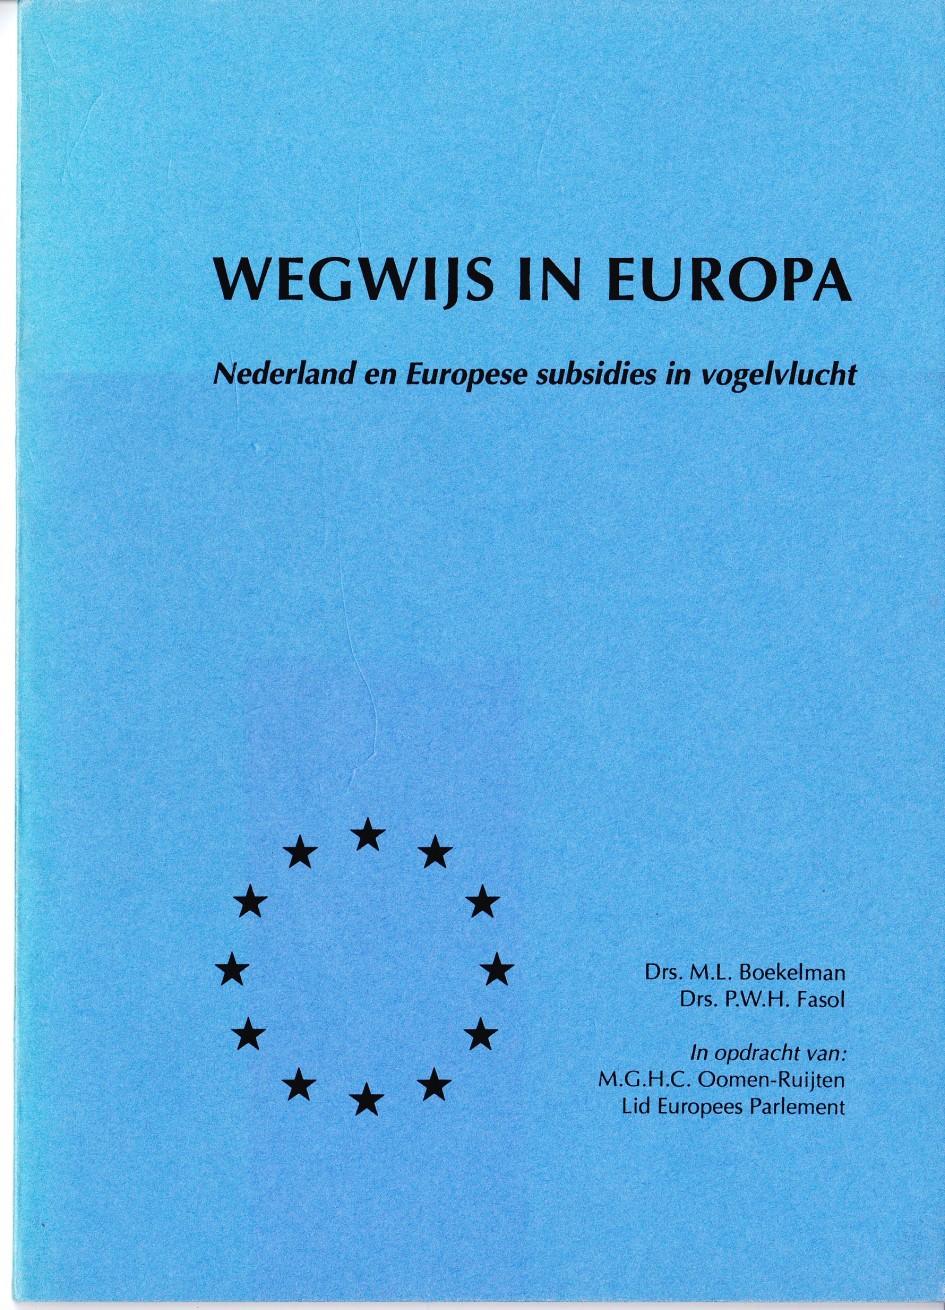 Wegwijs in Europa